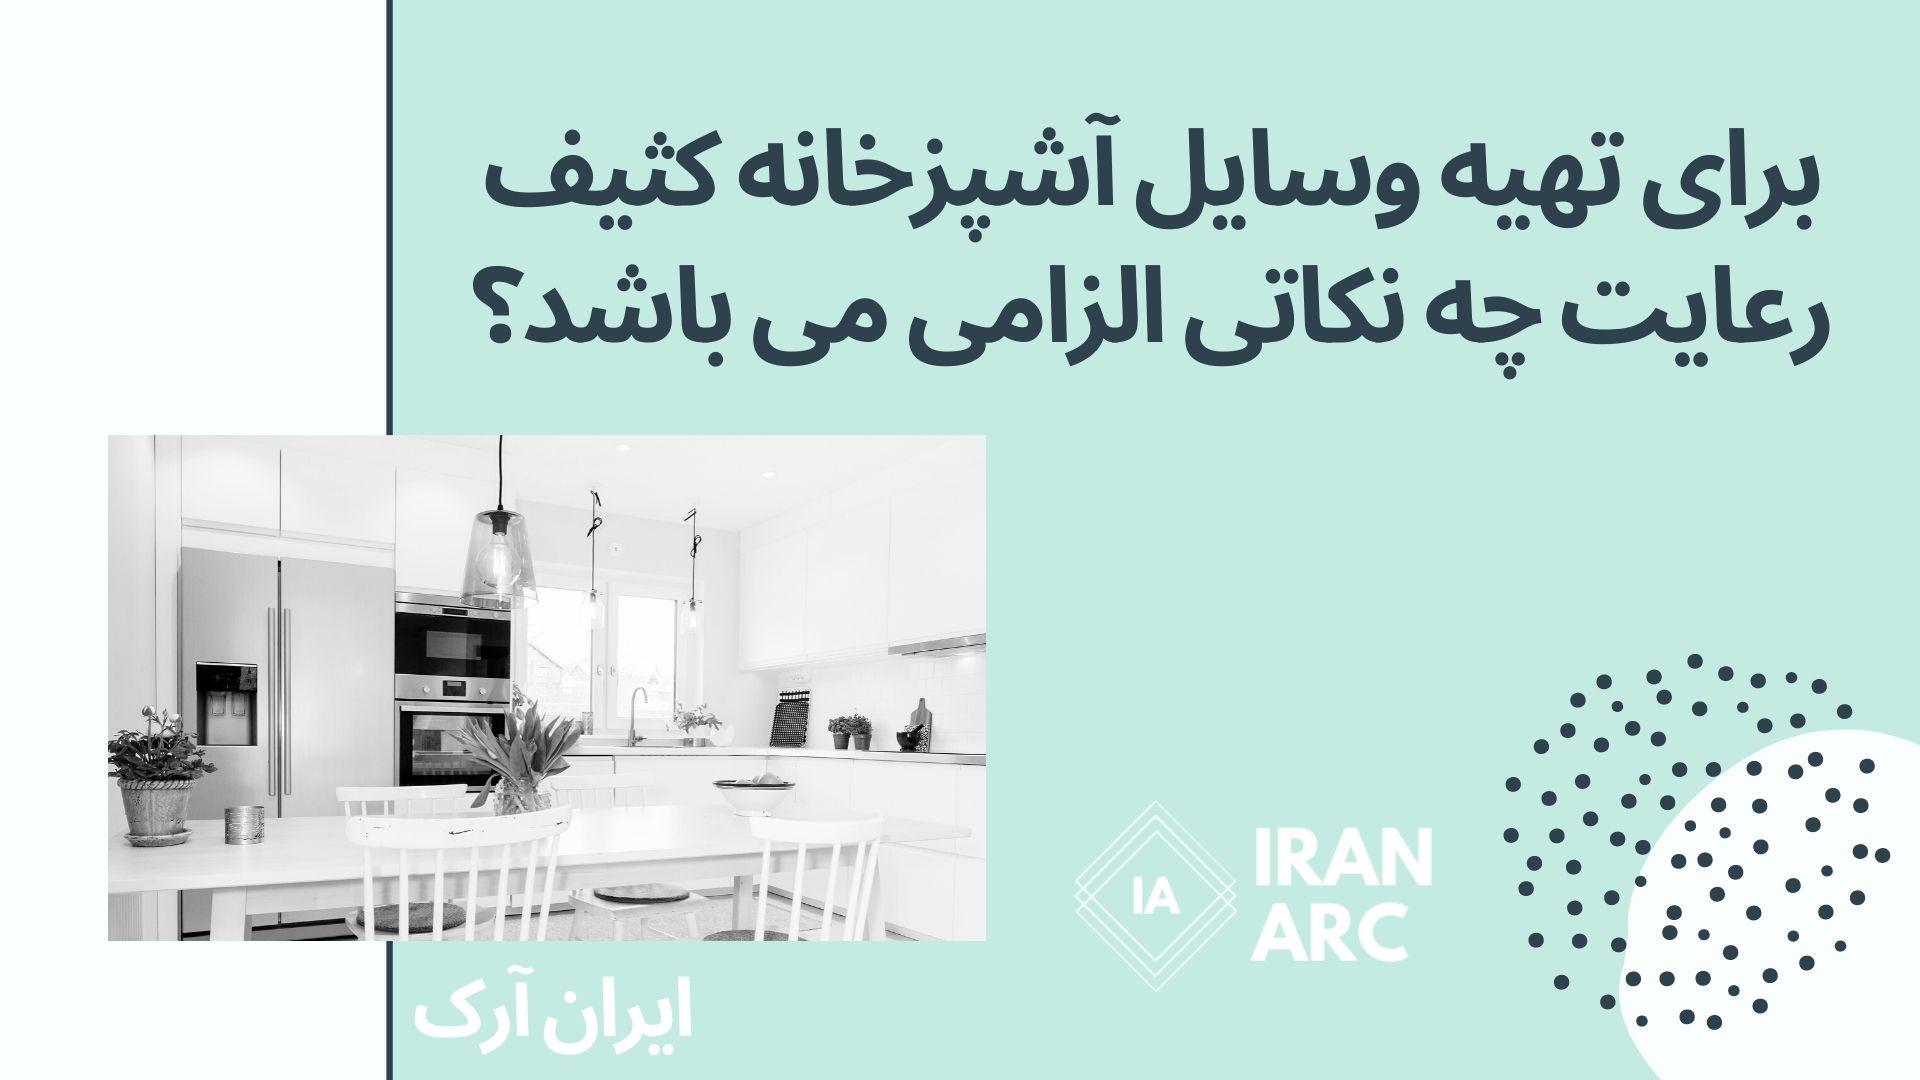 برای تهیه وسایل آشپزخانه کثیف رعایت چه نکاتی الزامی می باشد؟